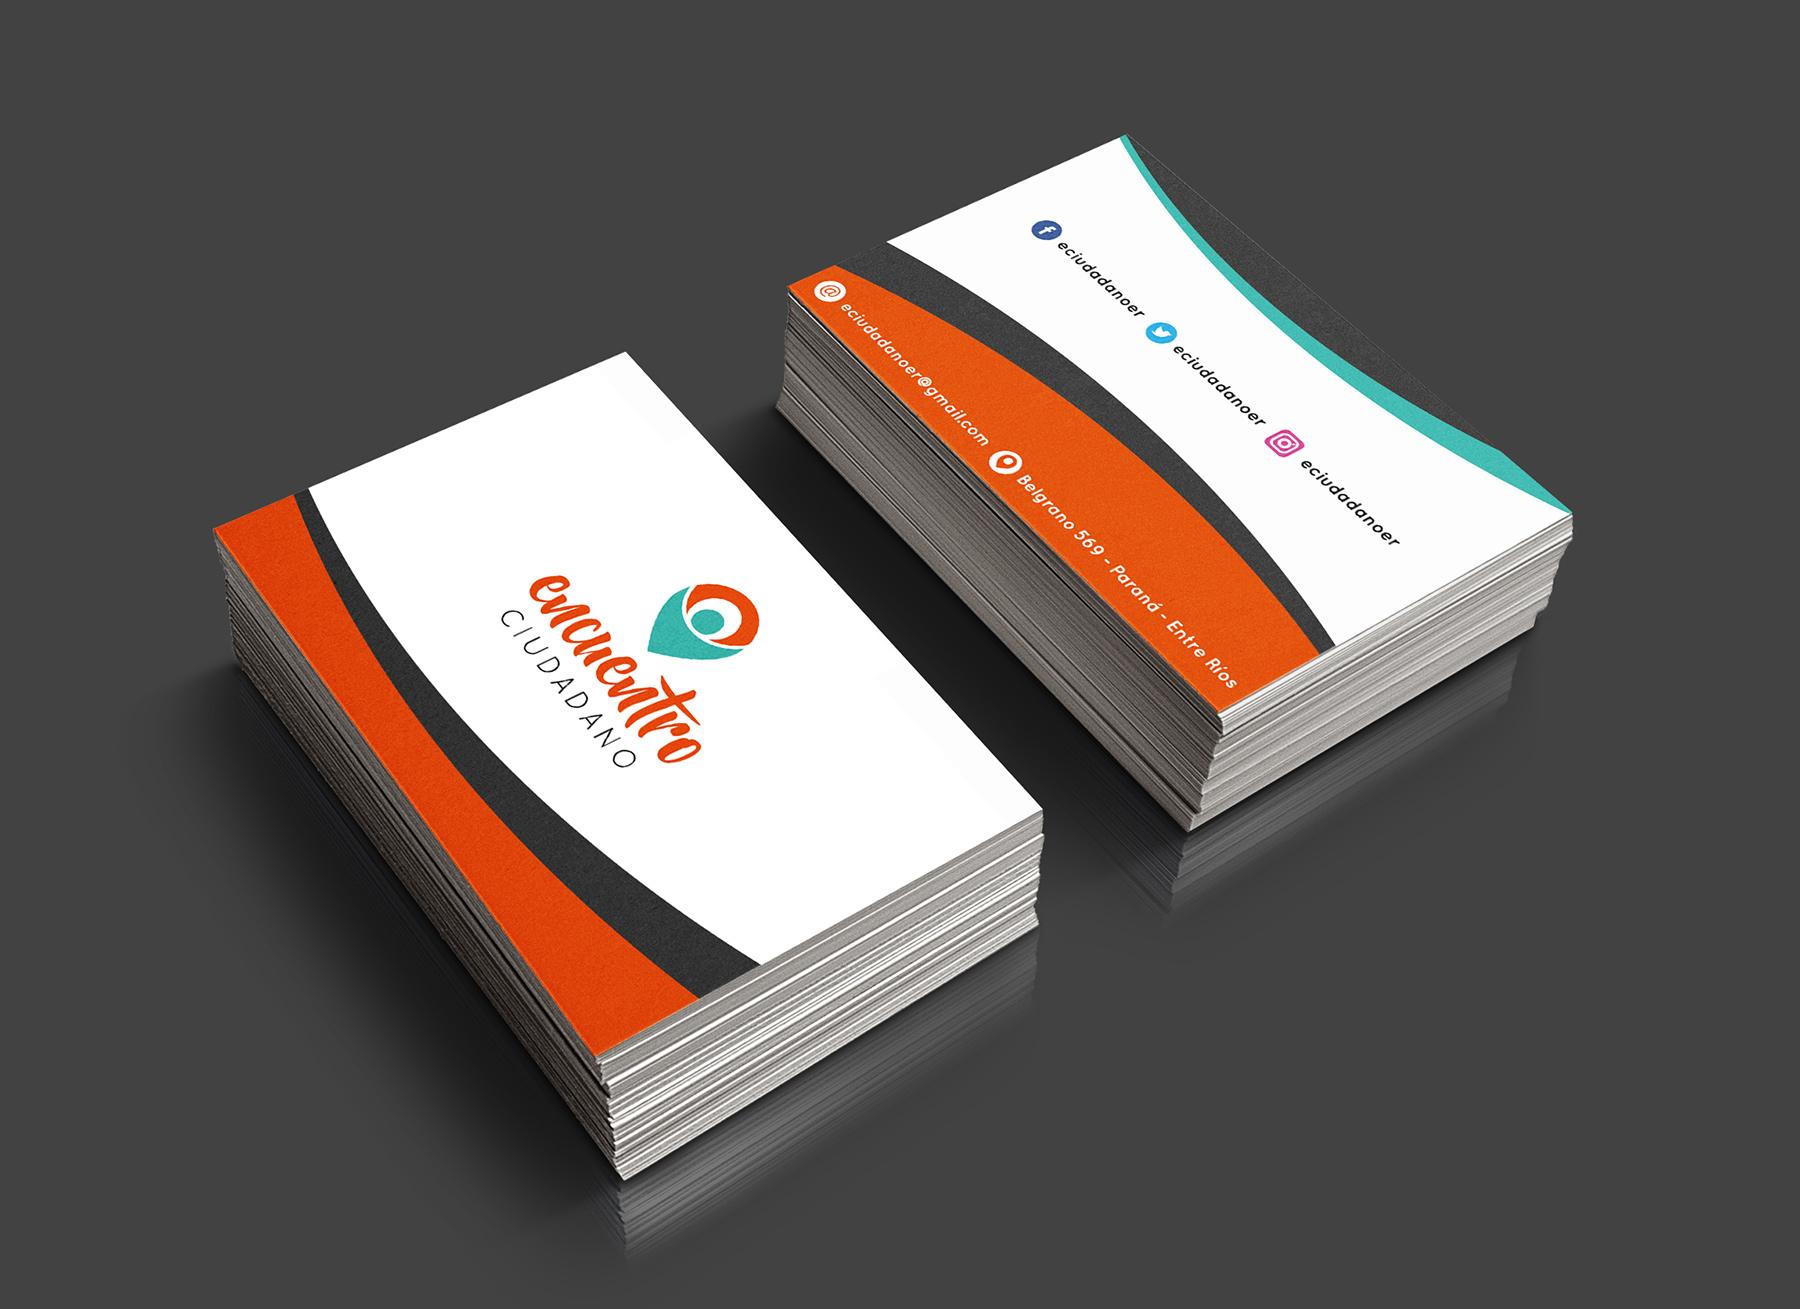 Sistema gráfico y papelería institucional - tarjetas